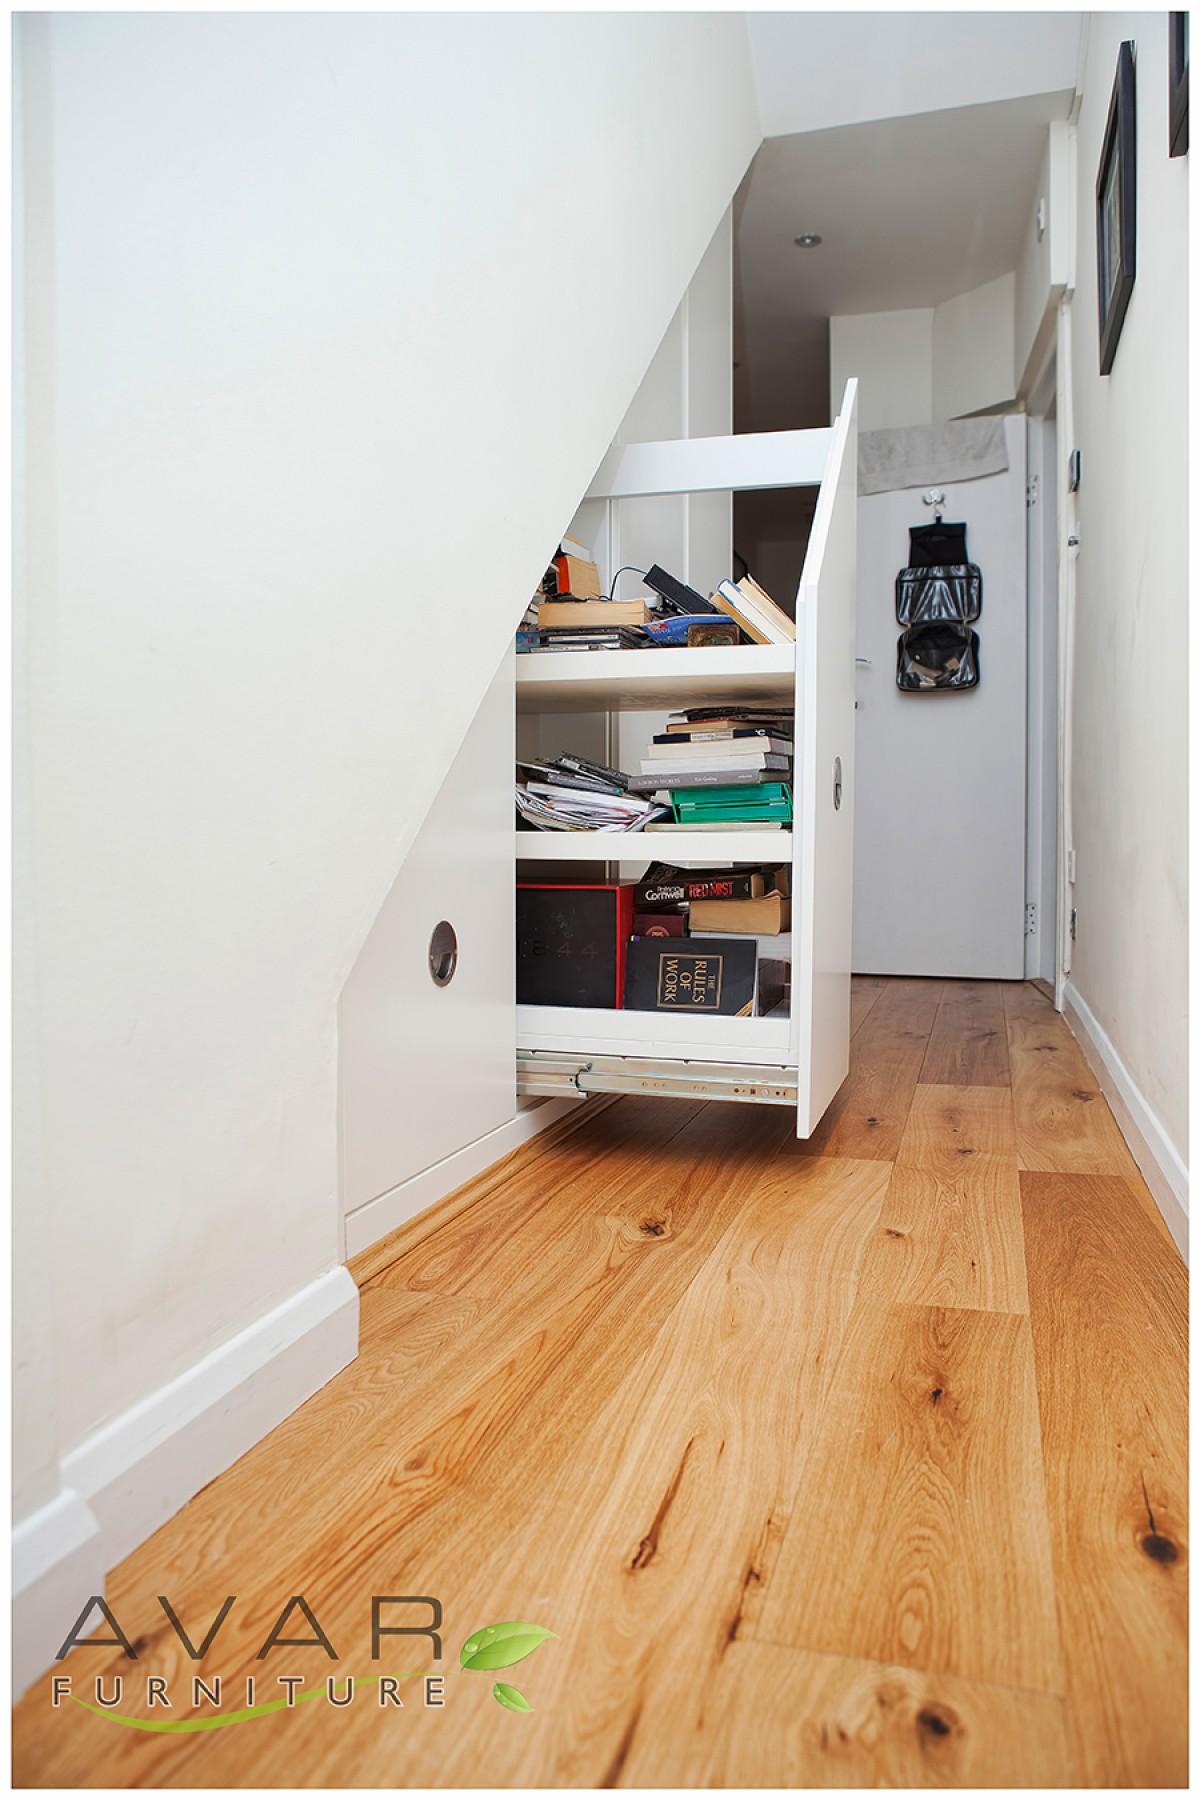 Under Stairs Storage Ideas Gallery 11 North London Uk Avar Furniture